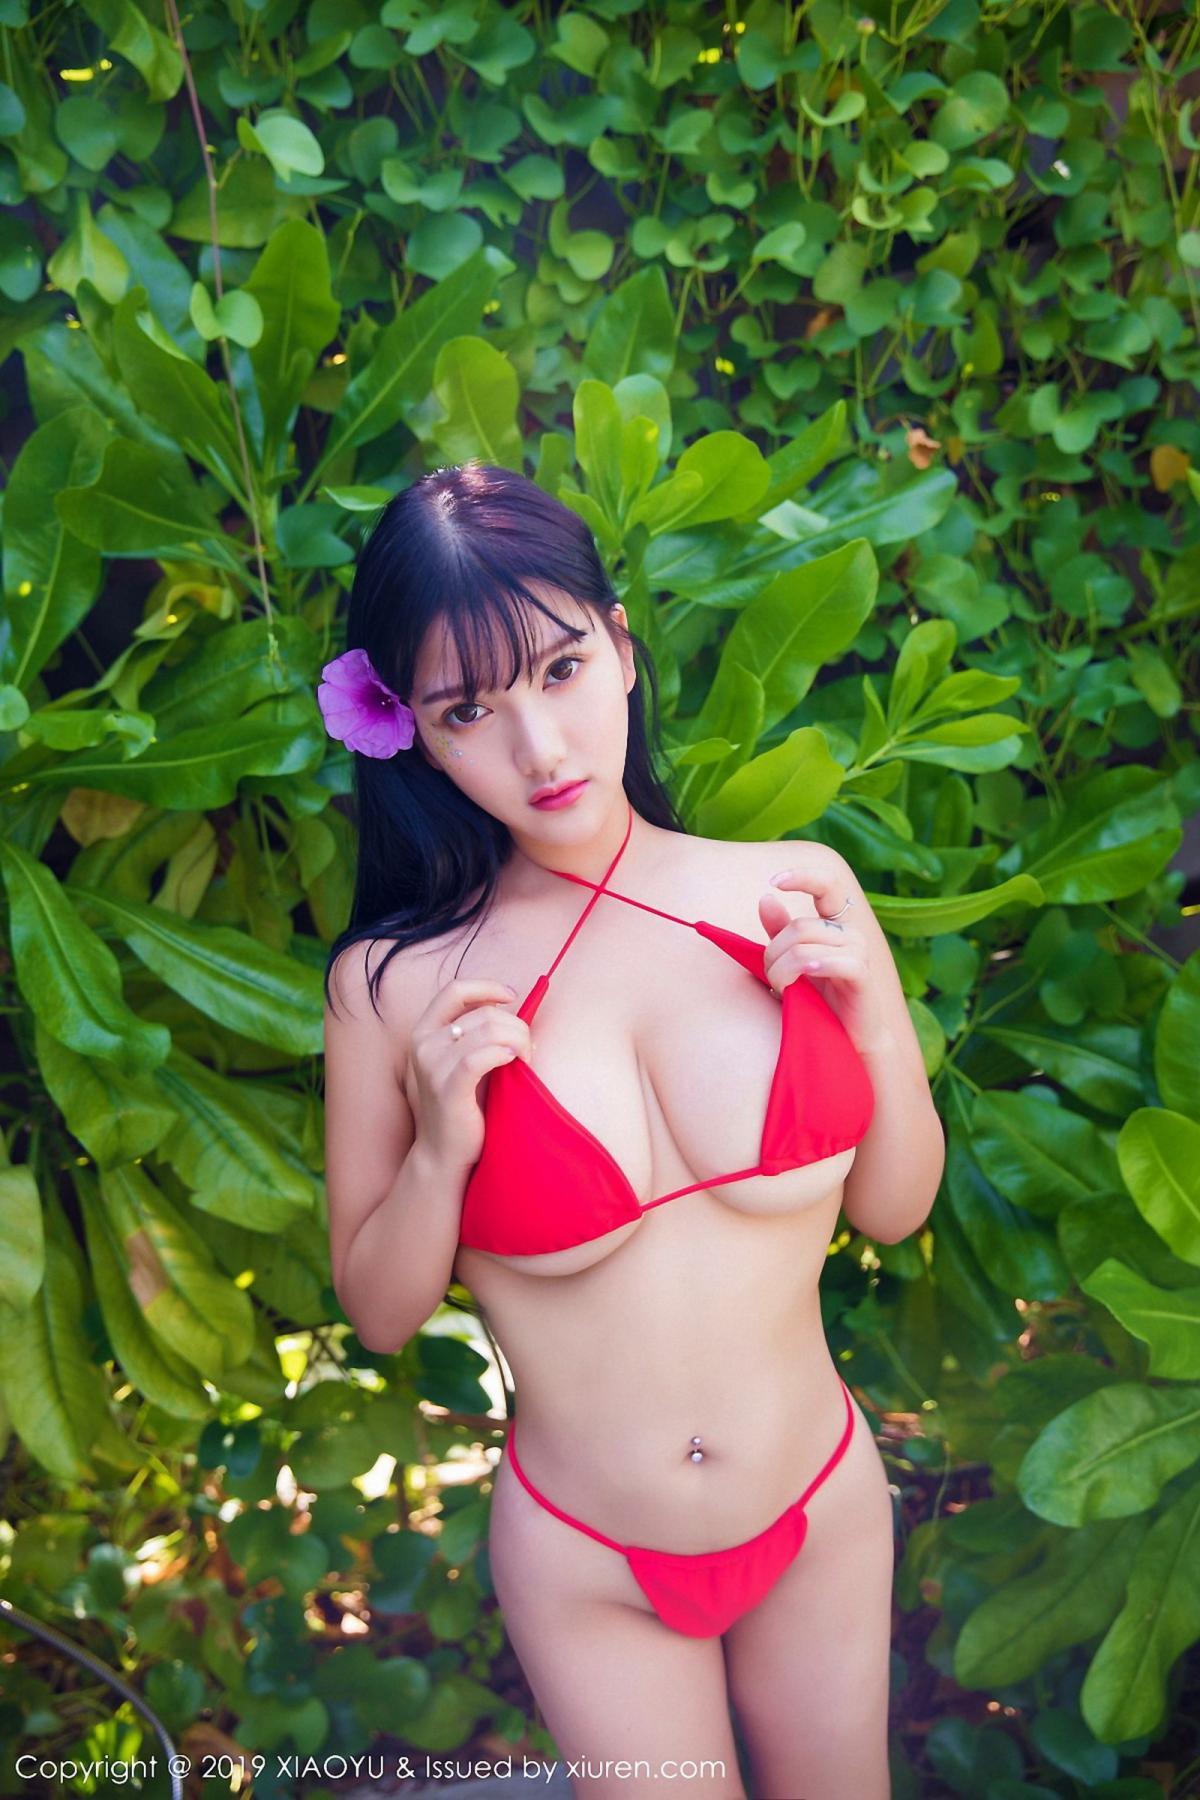 [XiaoYu] Vol.029 Lu Lu Xiao Miao 12P, Bikini, Lu Lu Xiao Miao, Wet, XiaoYu